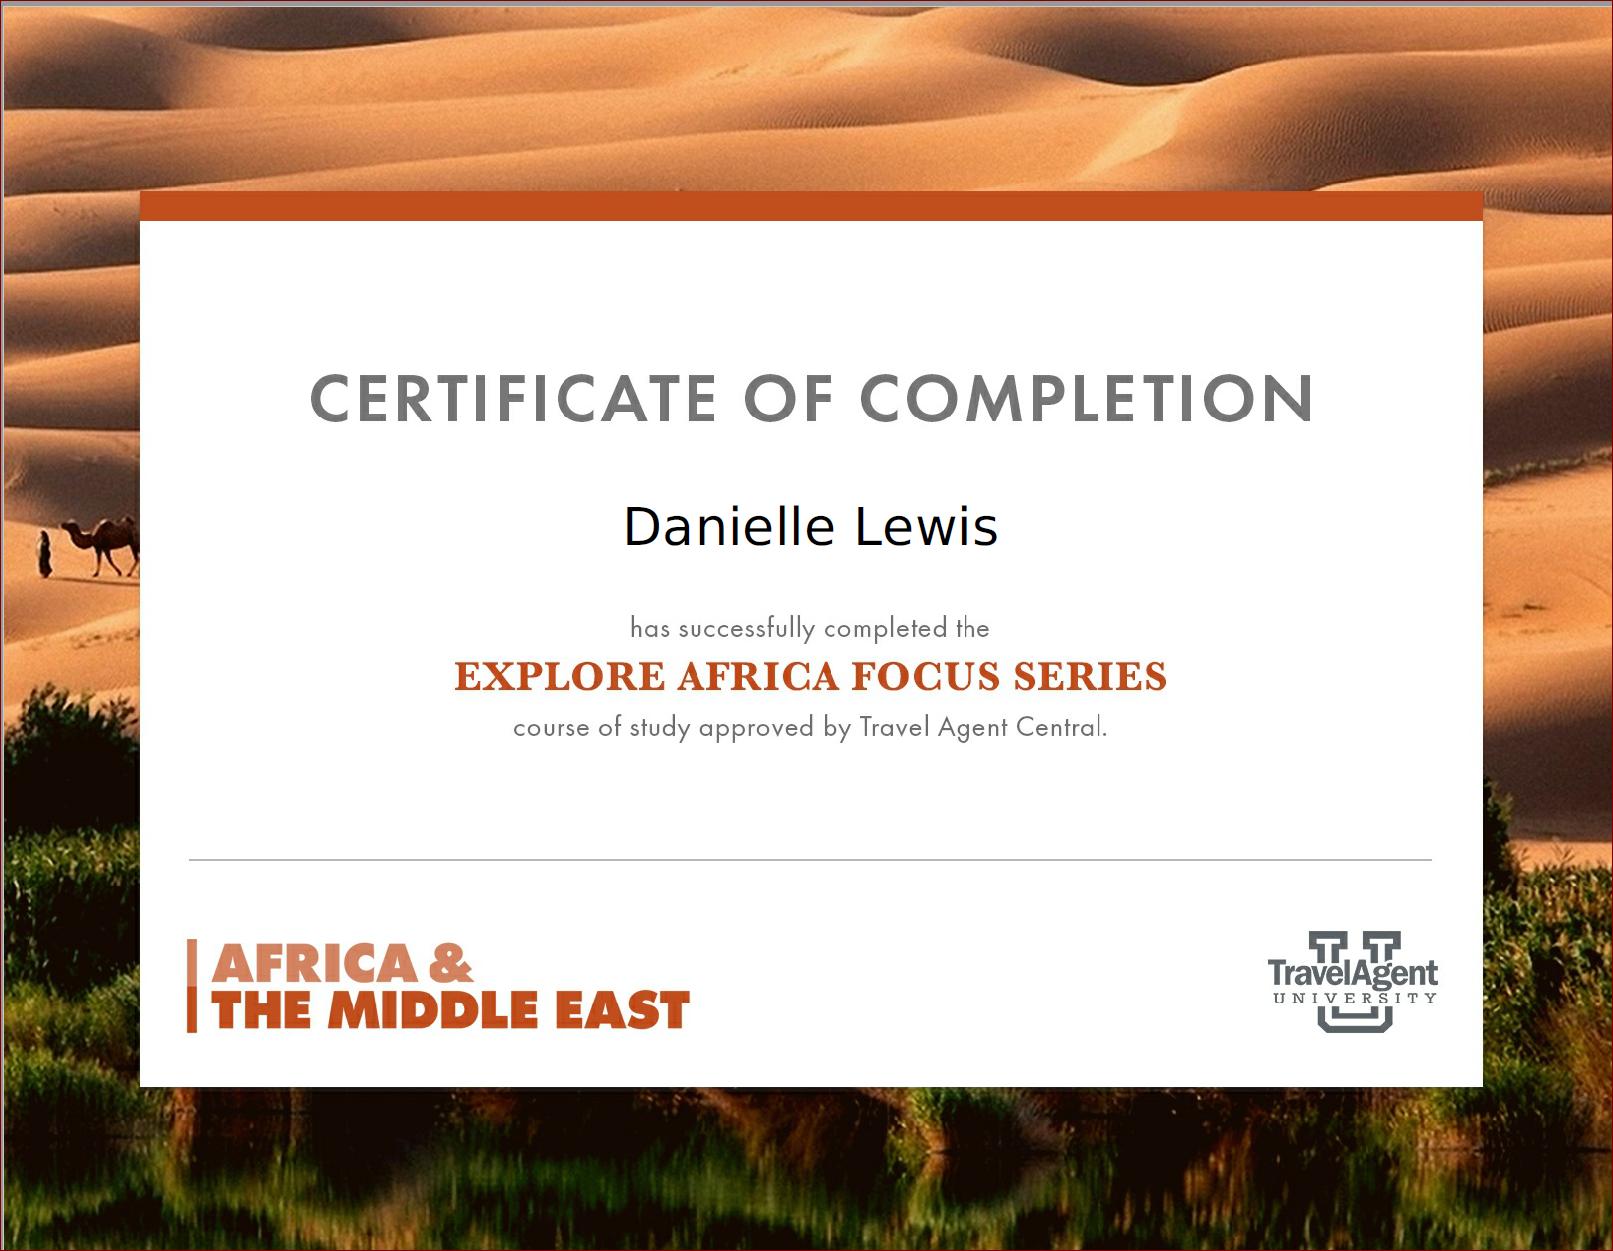 SelfishMe Travel - Explore Africa Focus Series